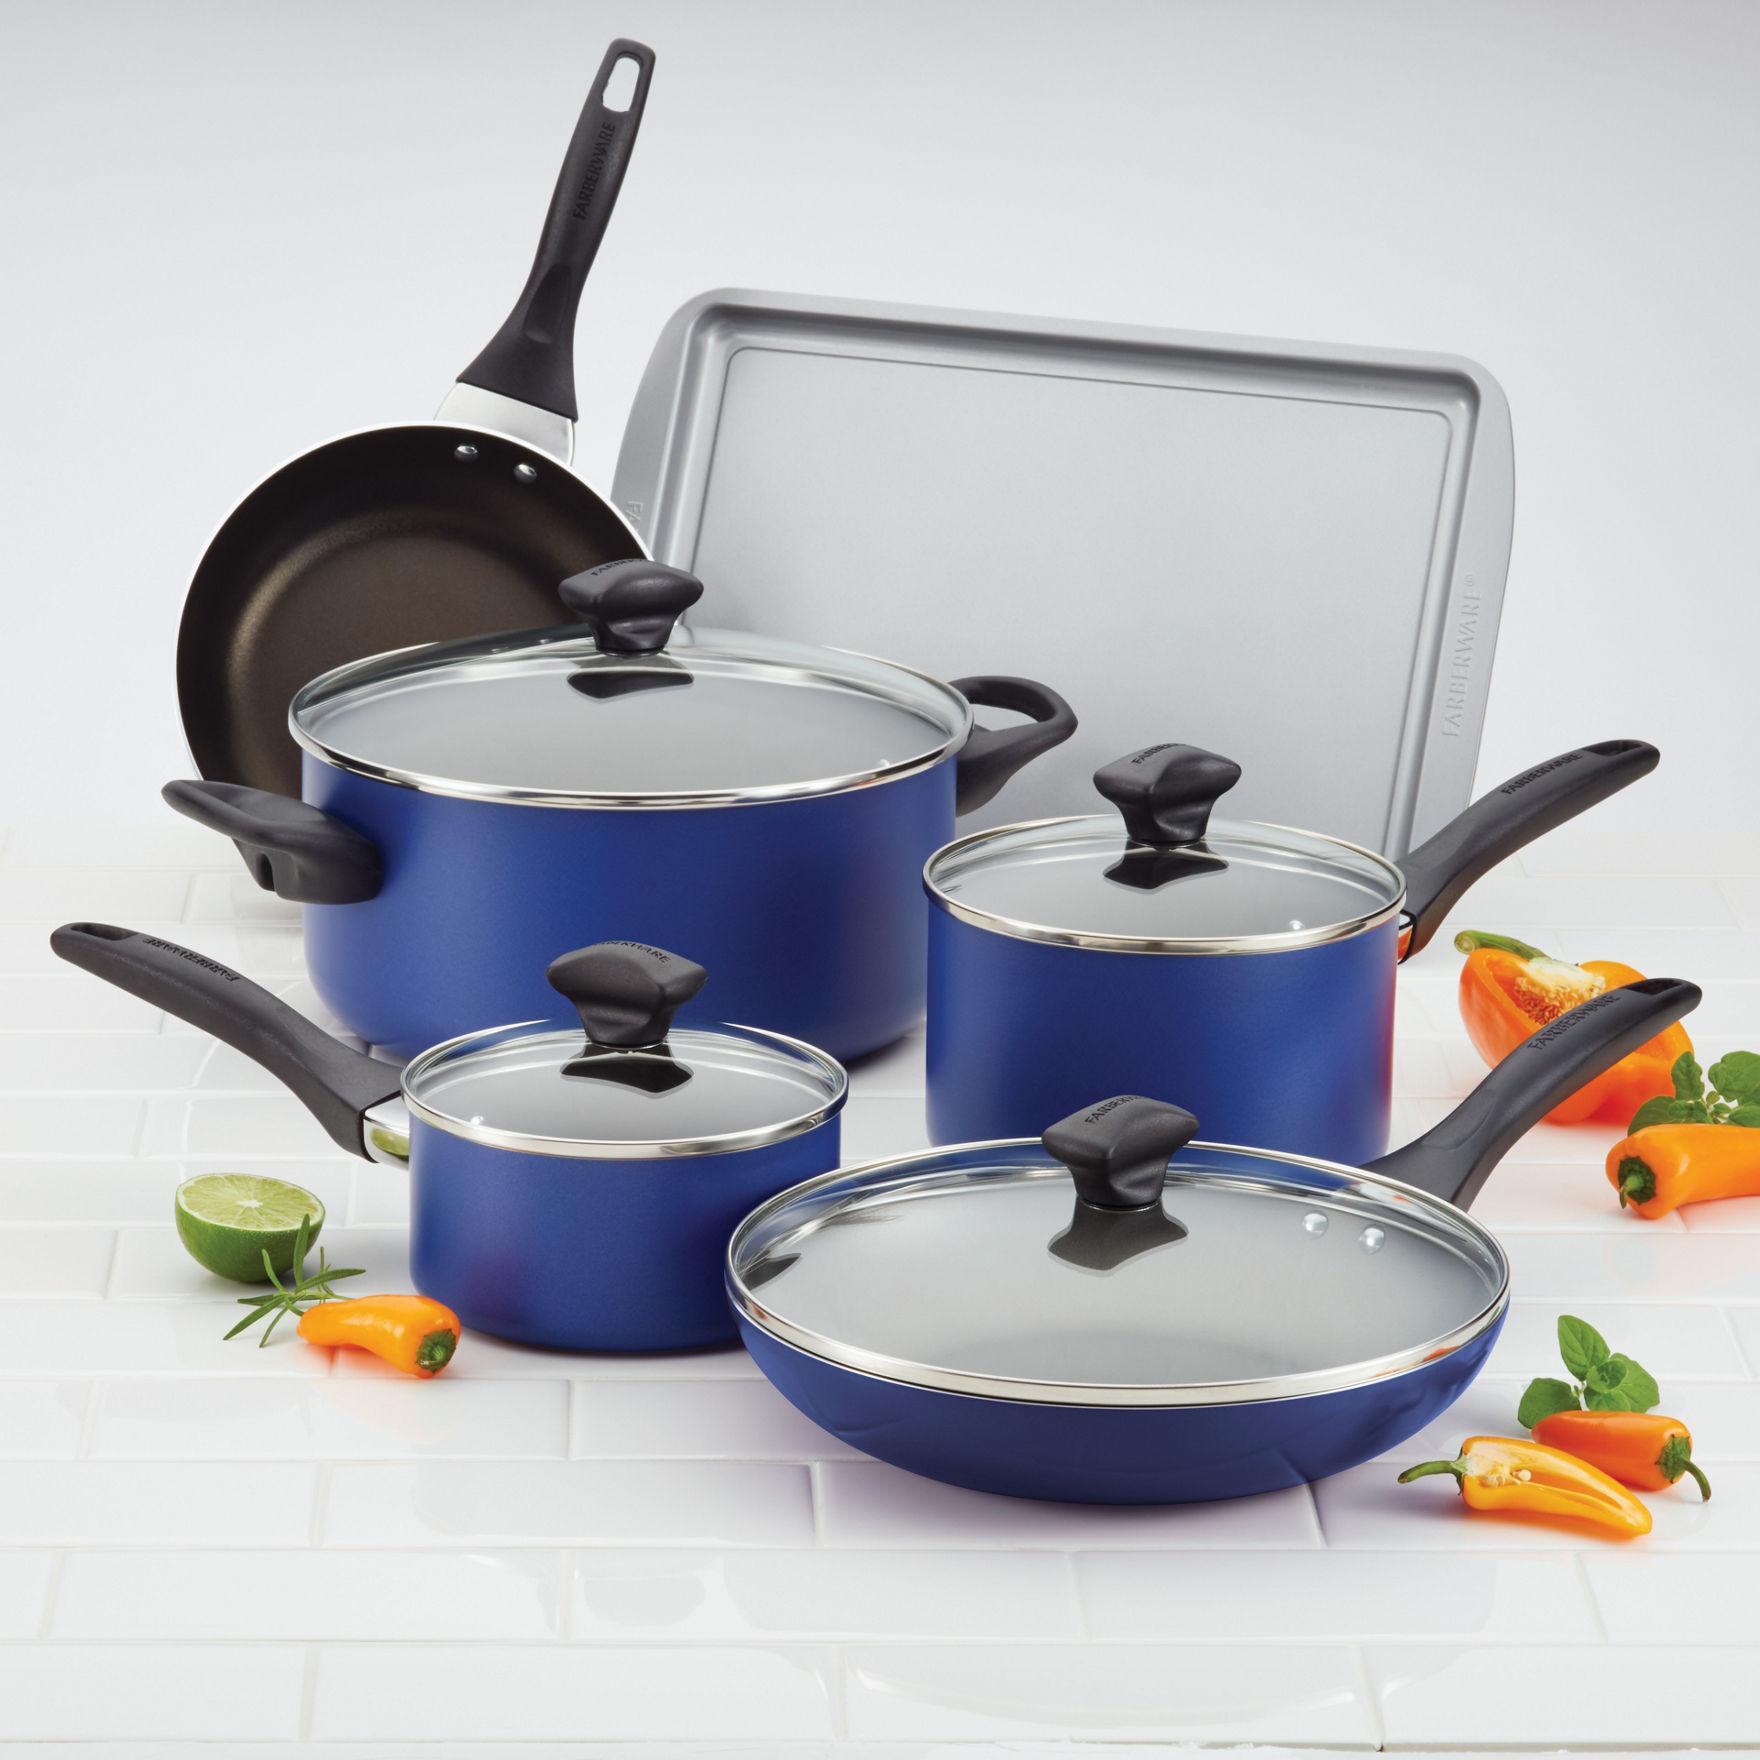 Farberware Blue Cookware Sets Cookware